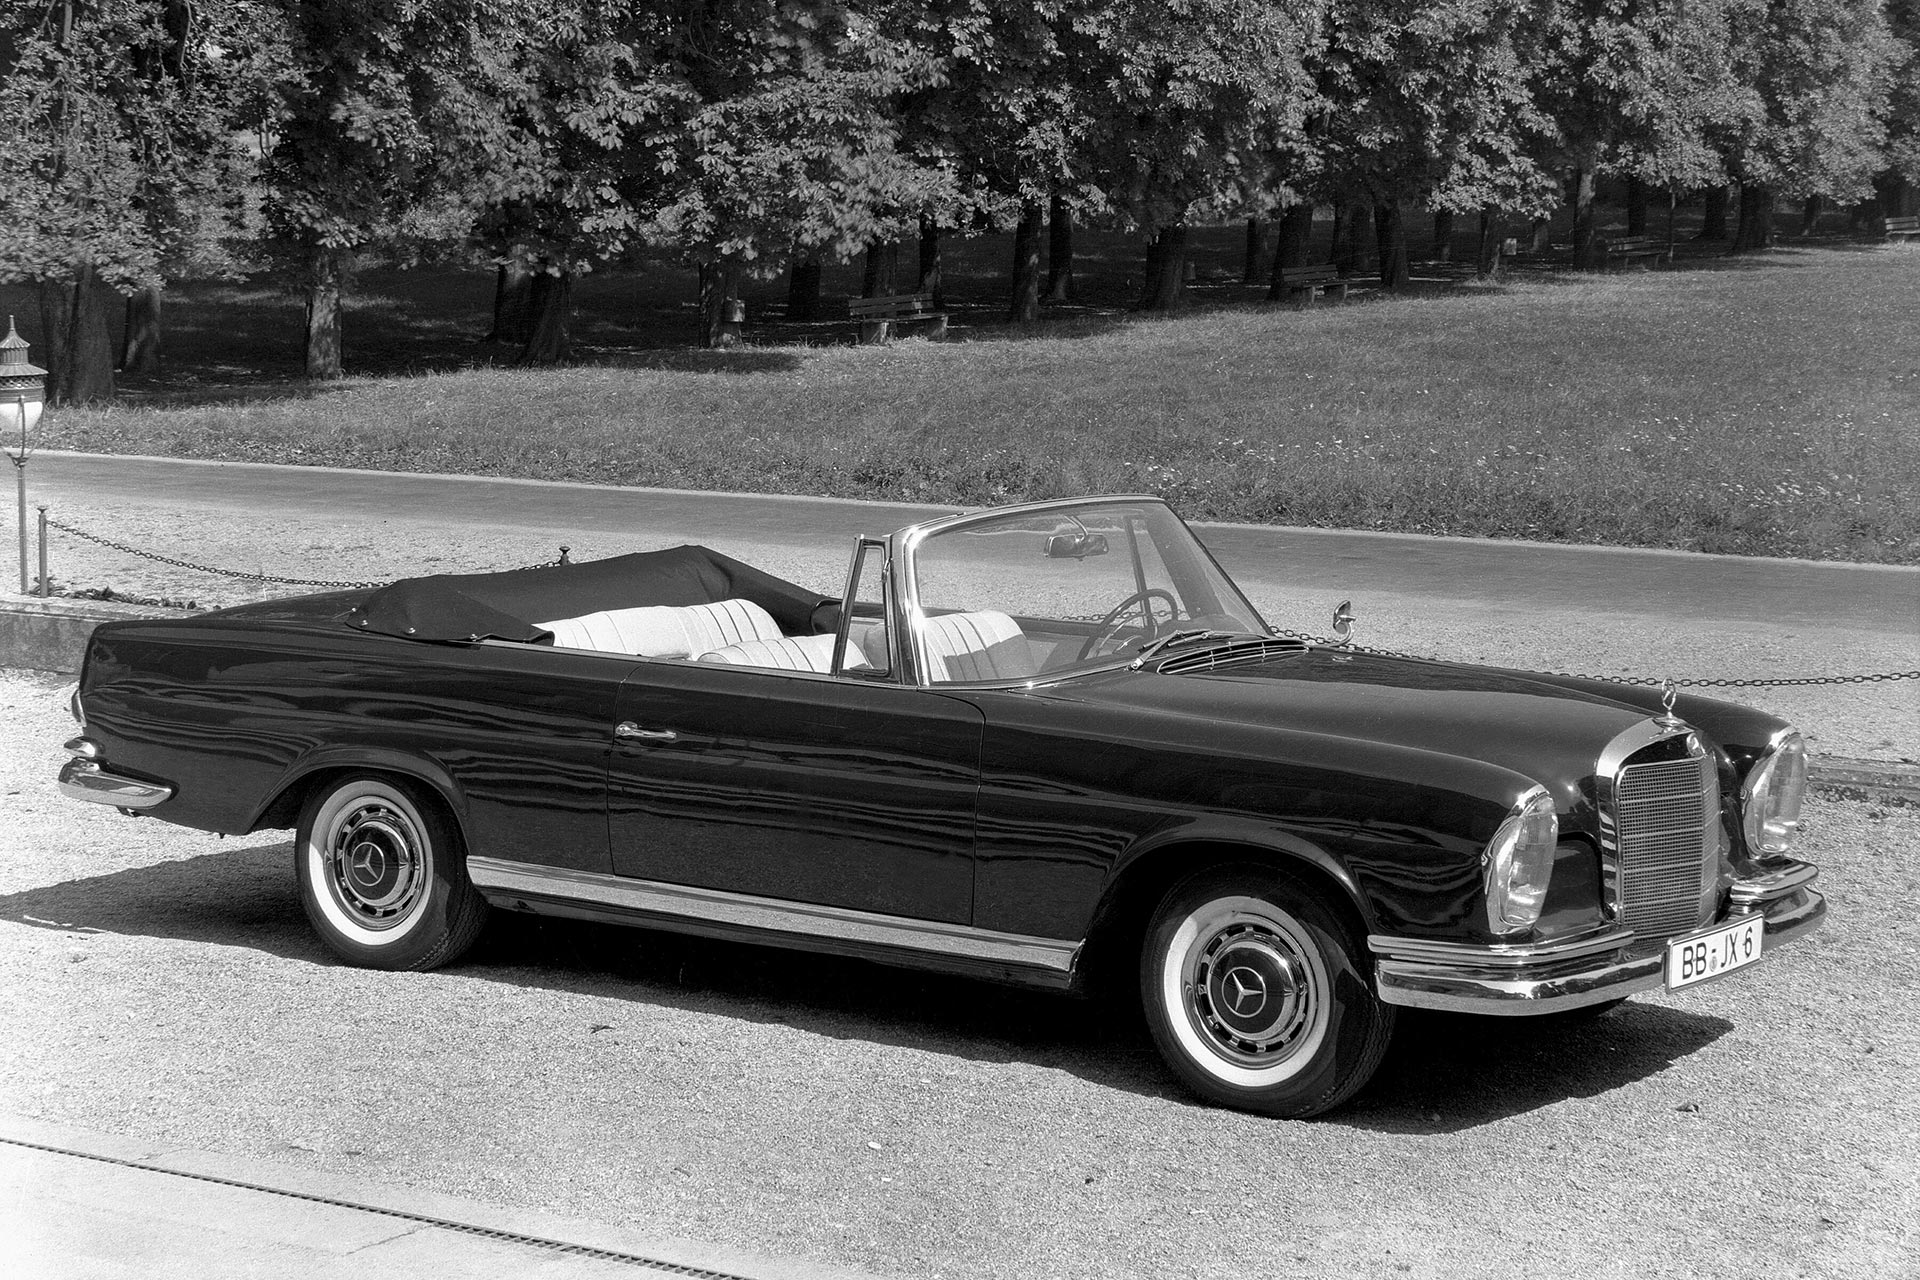 Mercedes-Benz 220 SE Cabriolet (Baureihe W 111). Aufnahme aus dem Jahr 1961. Mit verschiedenen Motorisierungen wird das Cabriolet der Baureihen W 111/W 112 von 1961 bis 1971 gebaut.